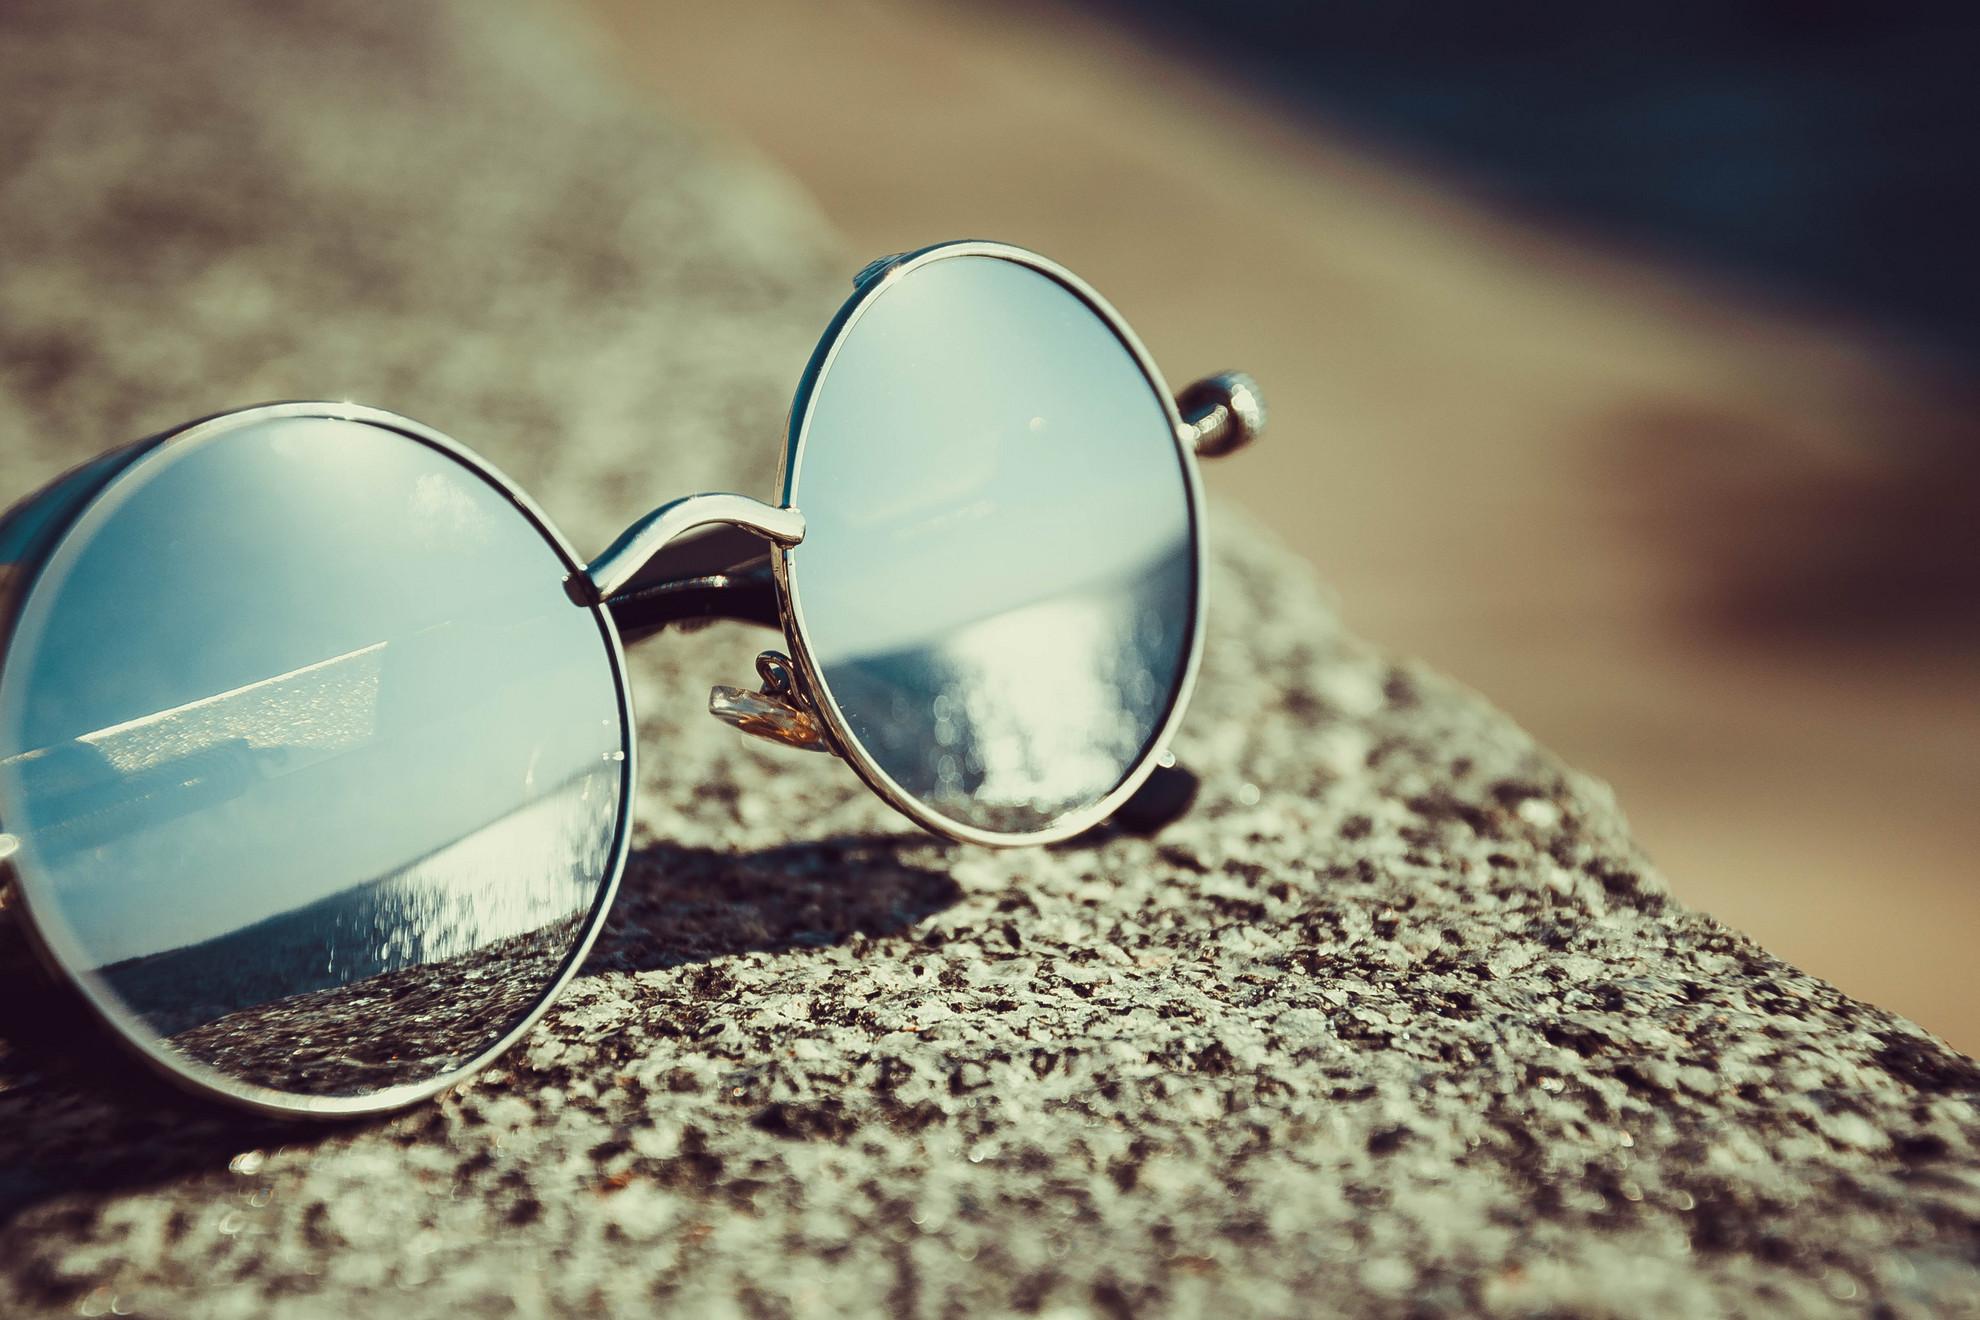 Idén is nagy sláger a kereklencsés napszemüveg